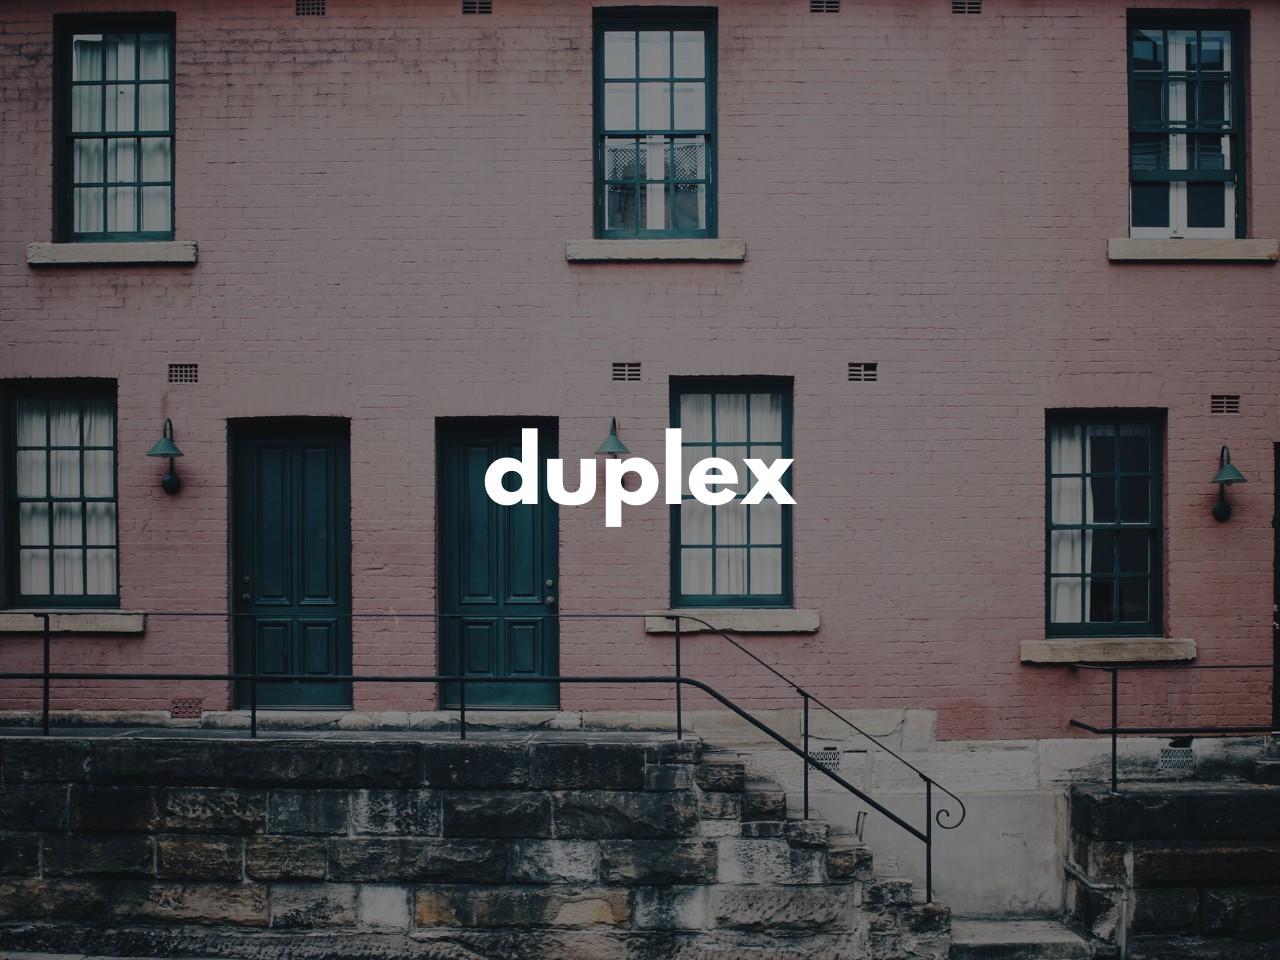 duplex : 2つに分けられた家